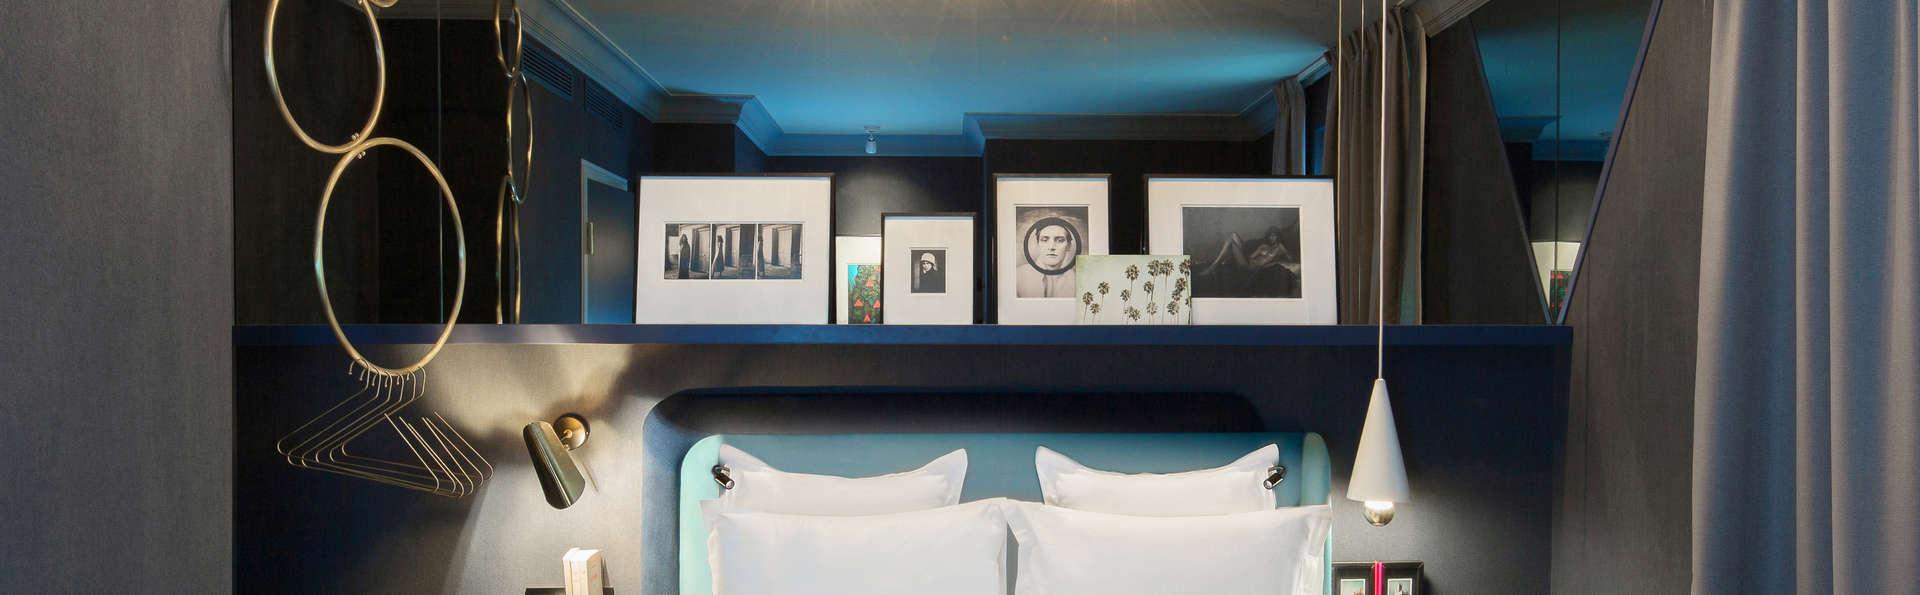 Hotel Bob by Elegancia - PERNETY_HQ-4.jpg